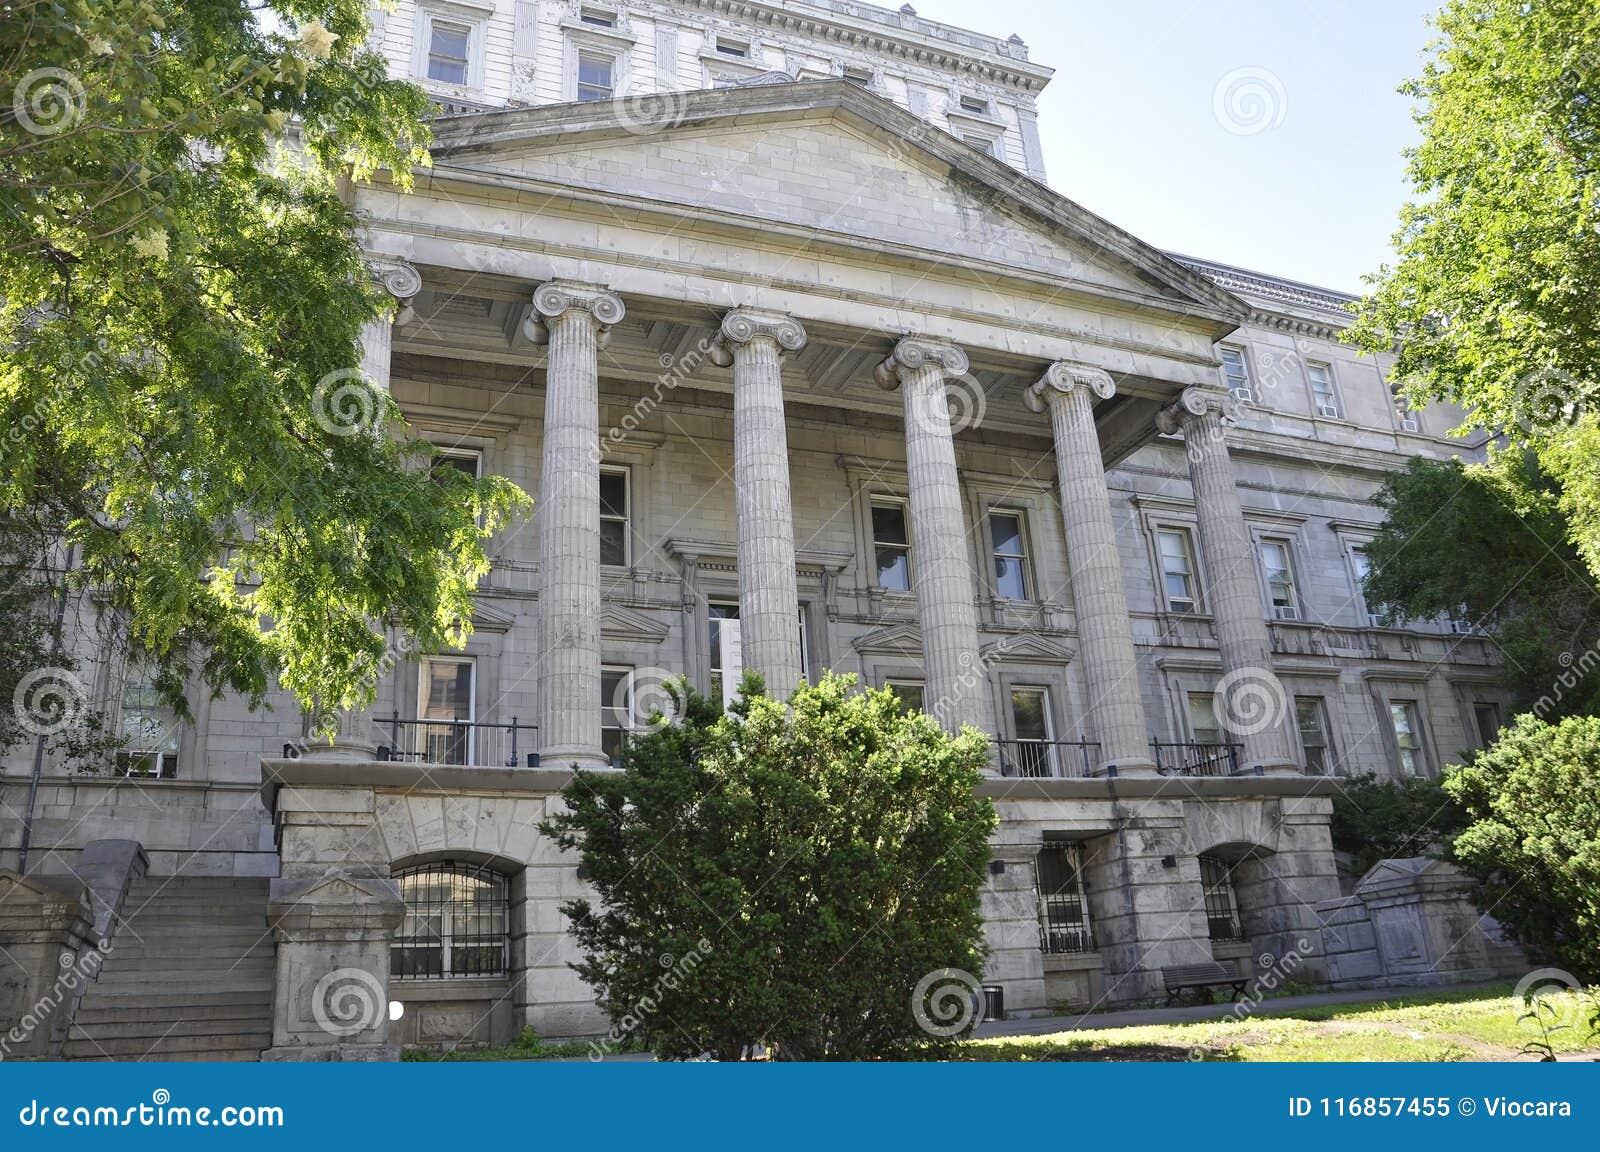 Στις 26 Ιουνίου του Μόντρεαλ: Κτήριο υπηρεσιών des Finances από τη rue Notre Dame του Μόντρεαλ στον Καναδά